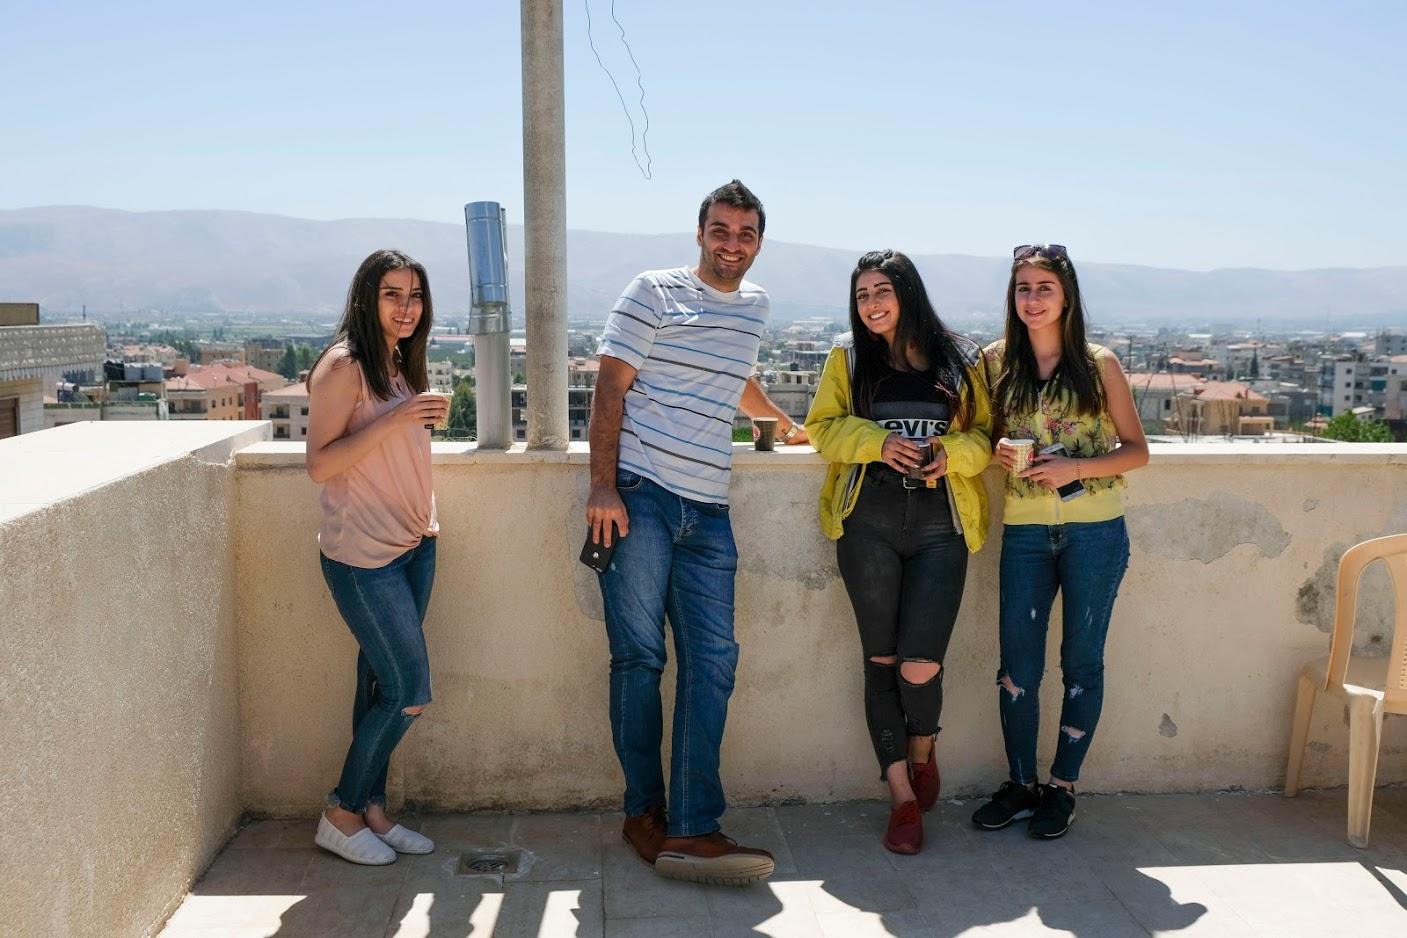 Süüria noored läbivad Eestis välja arendatud digiõpet